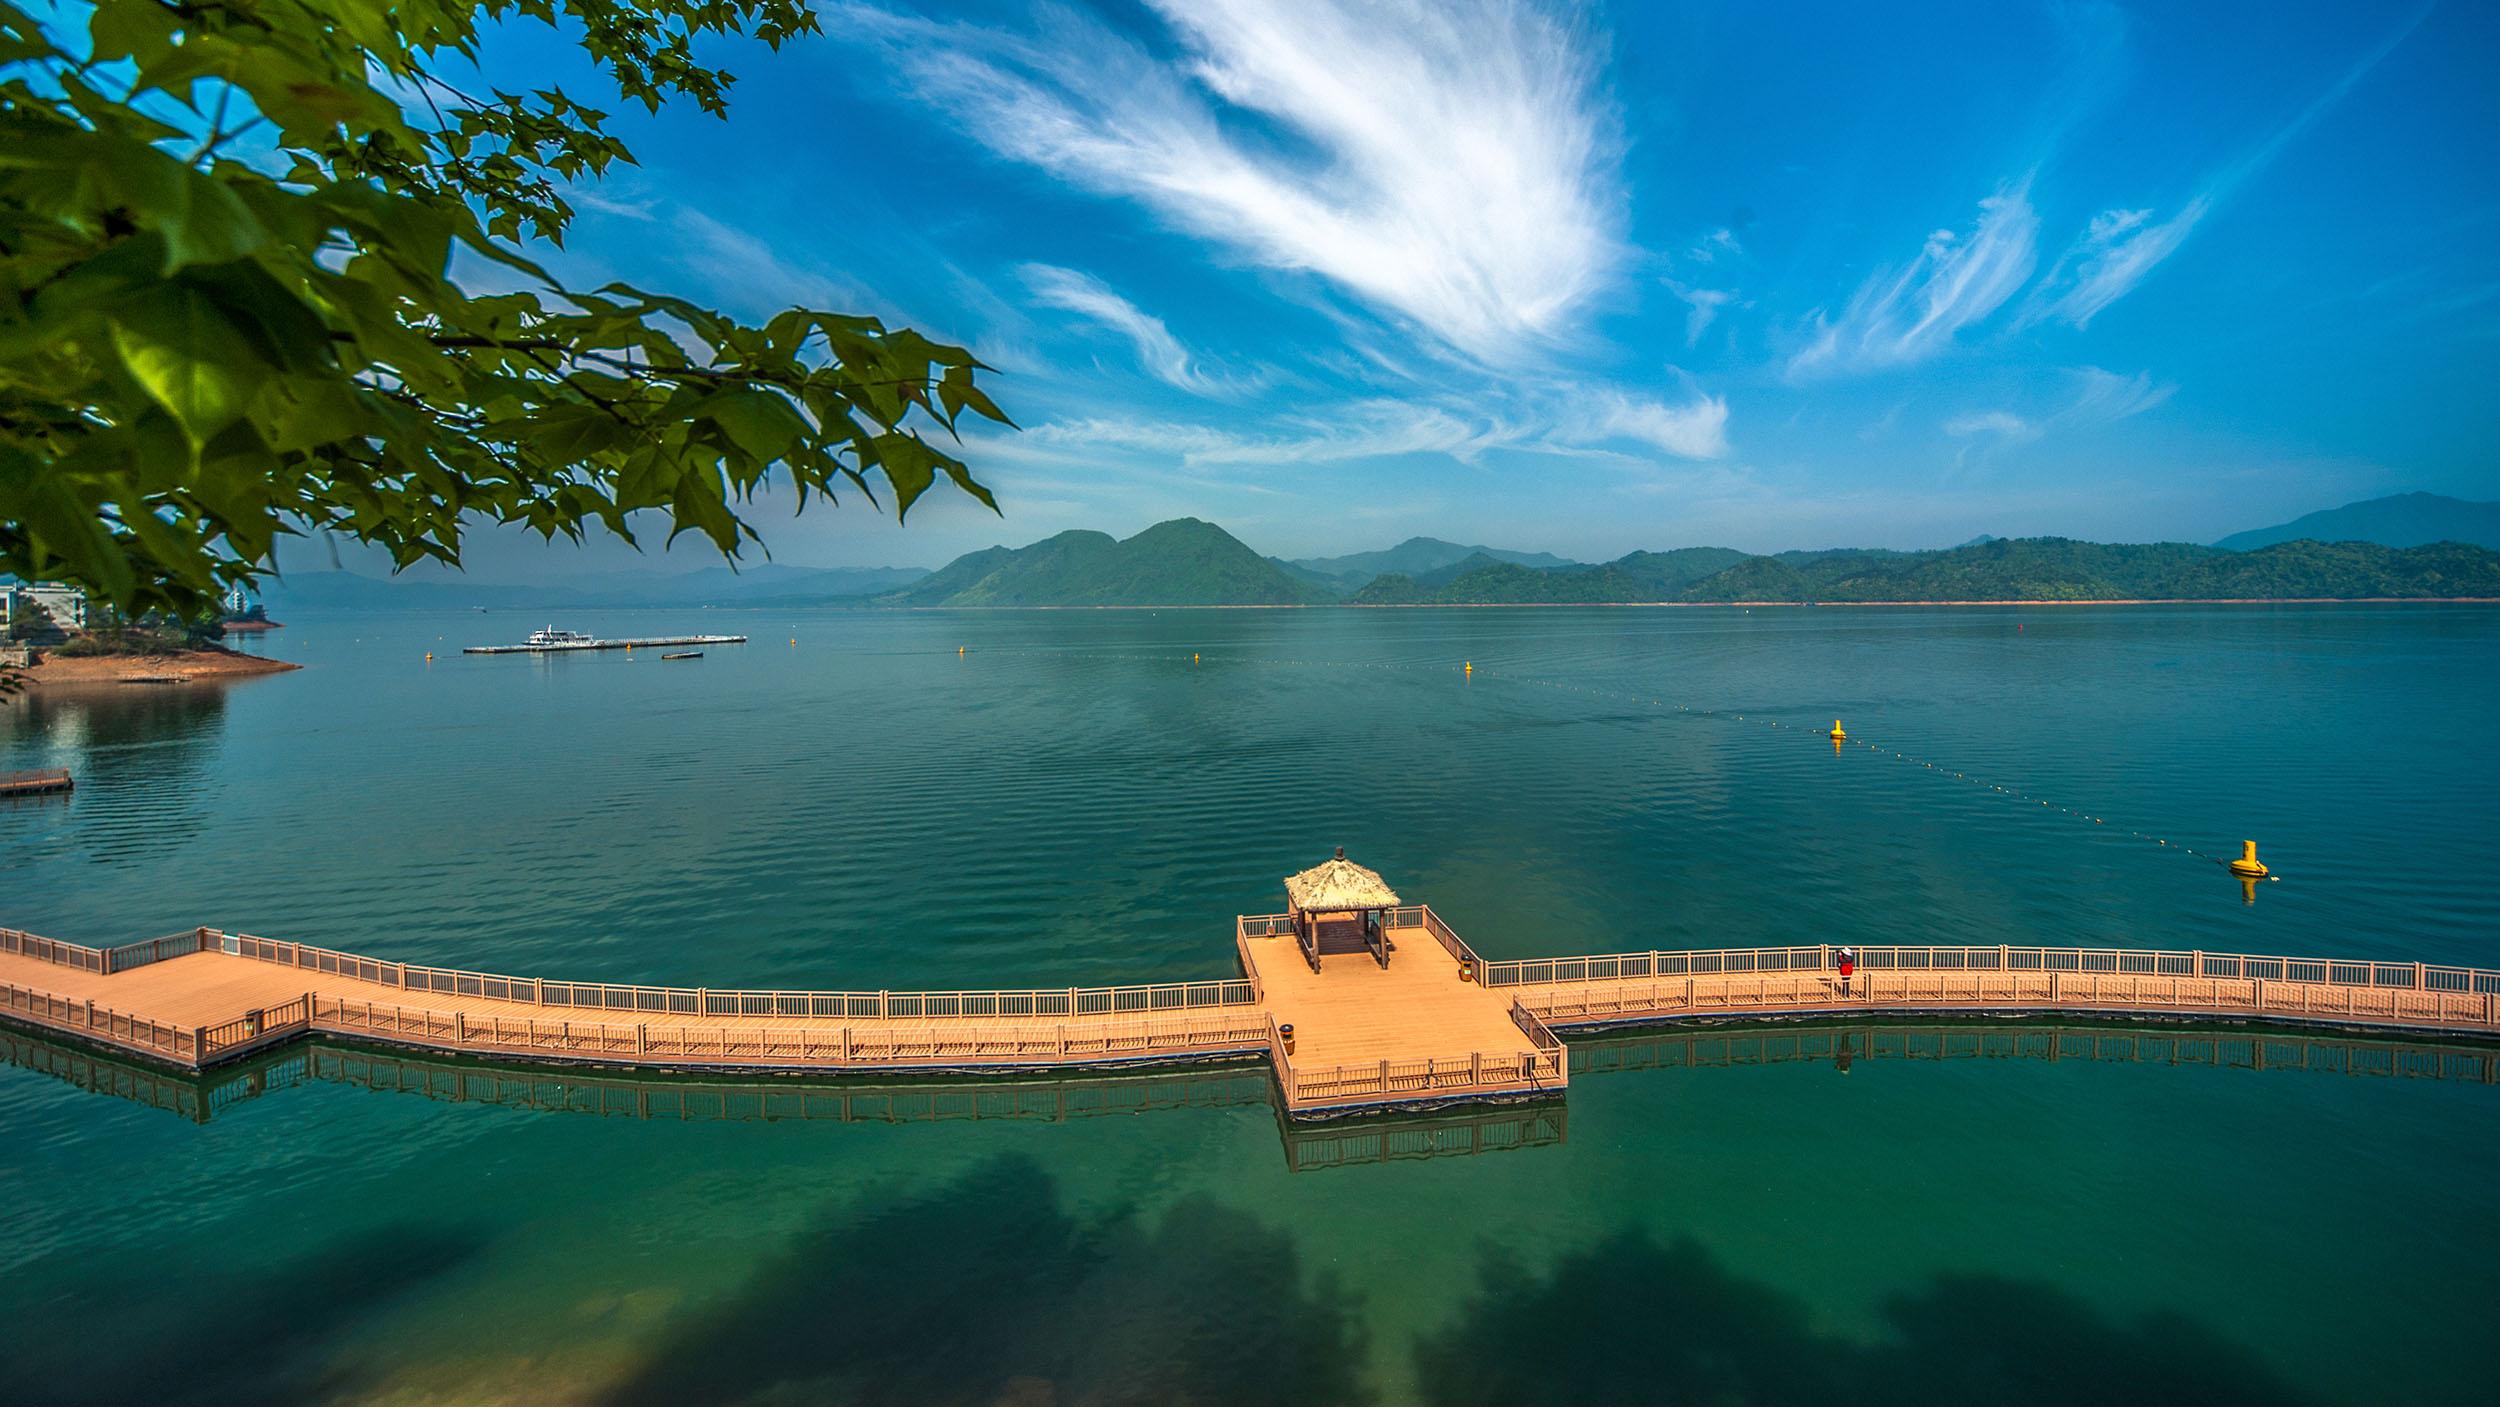 安徽黄山太平湖旅游景点多少钱_黄山太平湖旅游景点_.